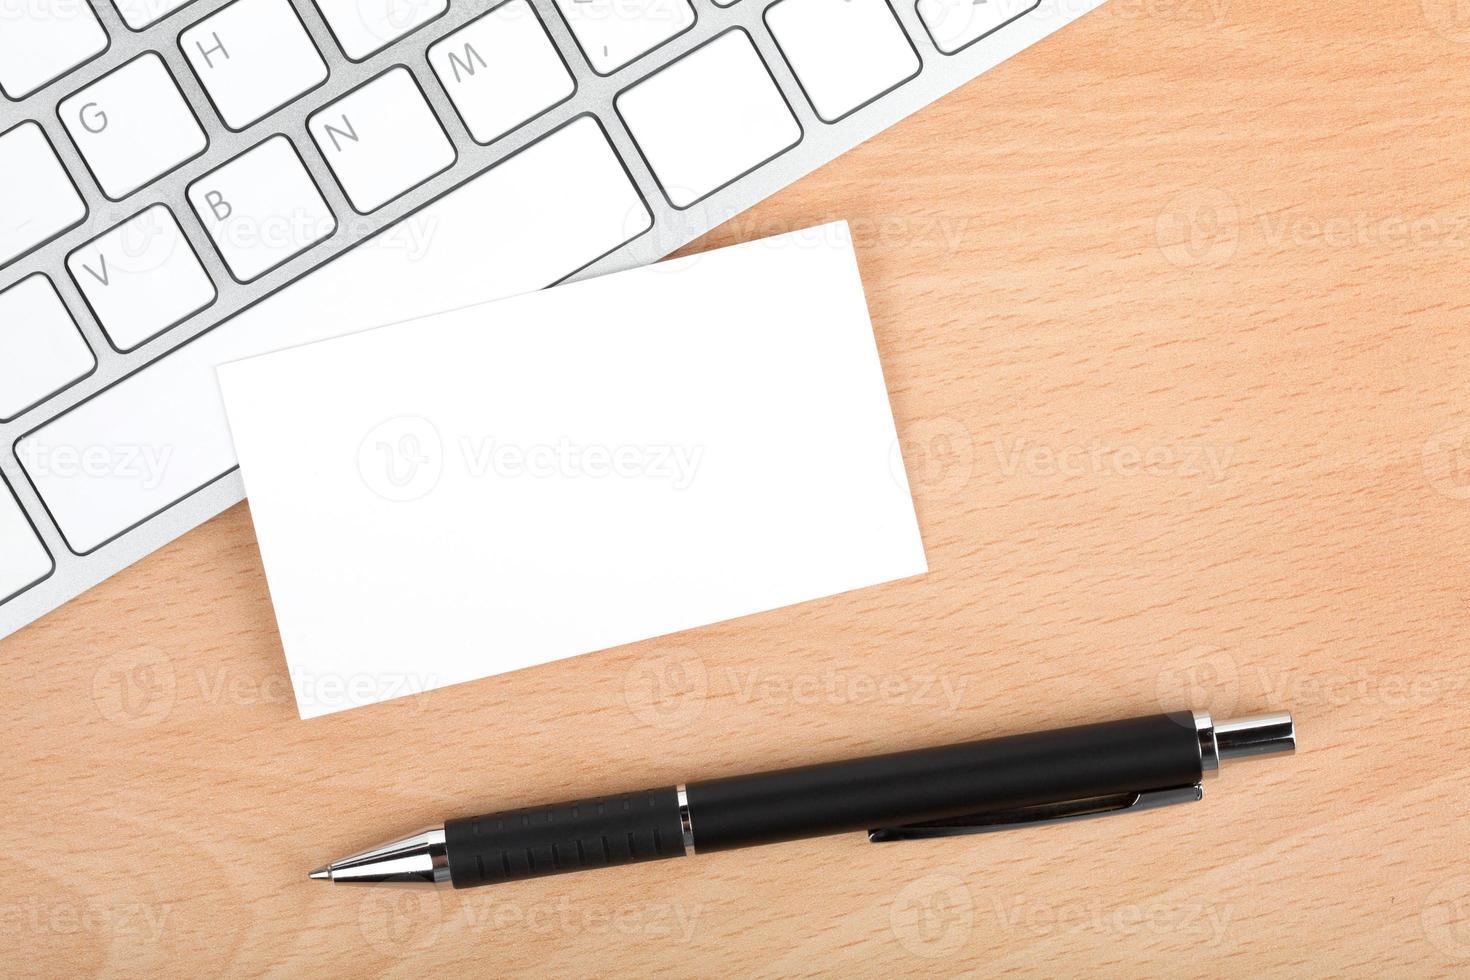 cartões de visita em branco sobre o teclado na mesa de escritório foto